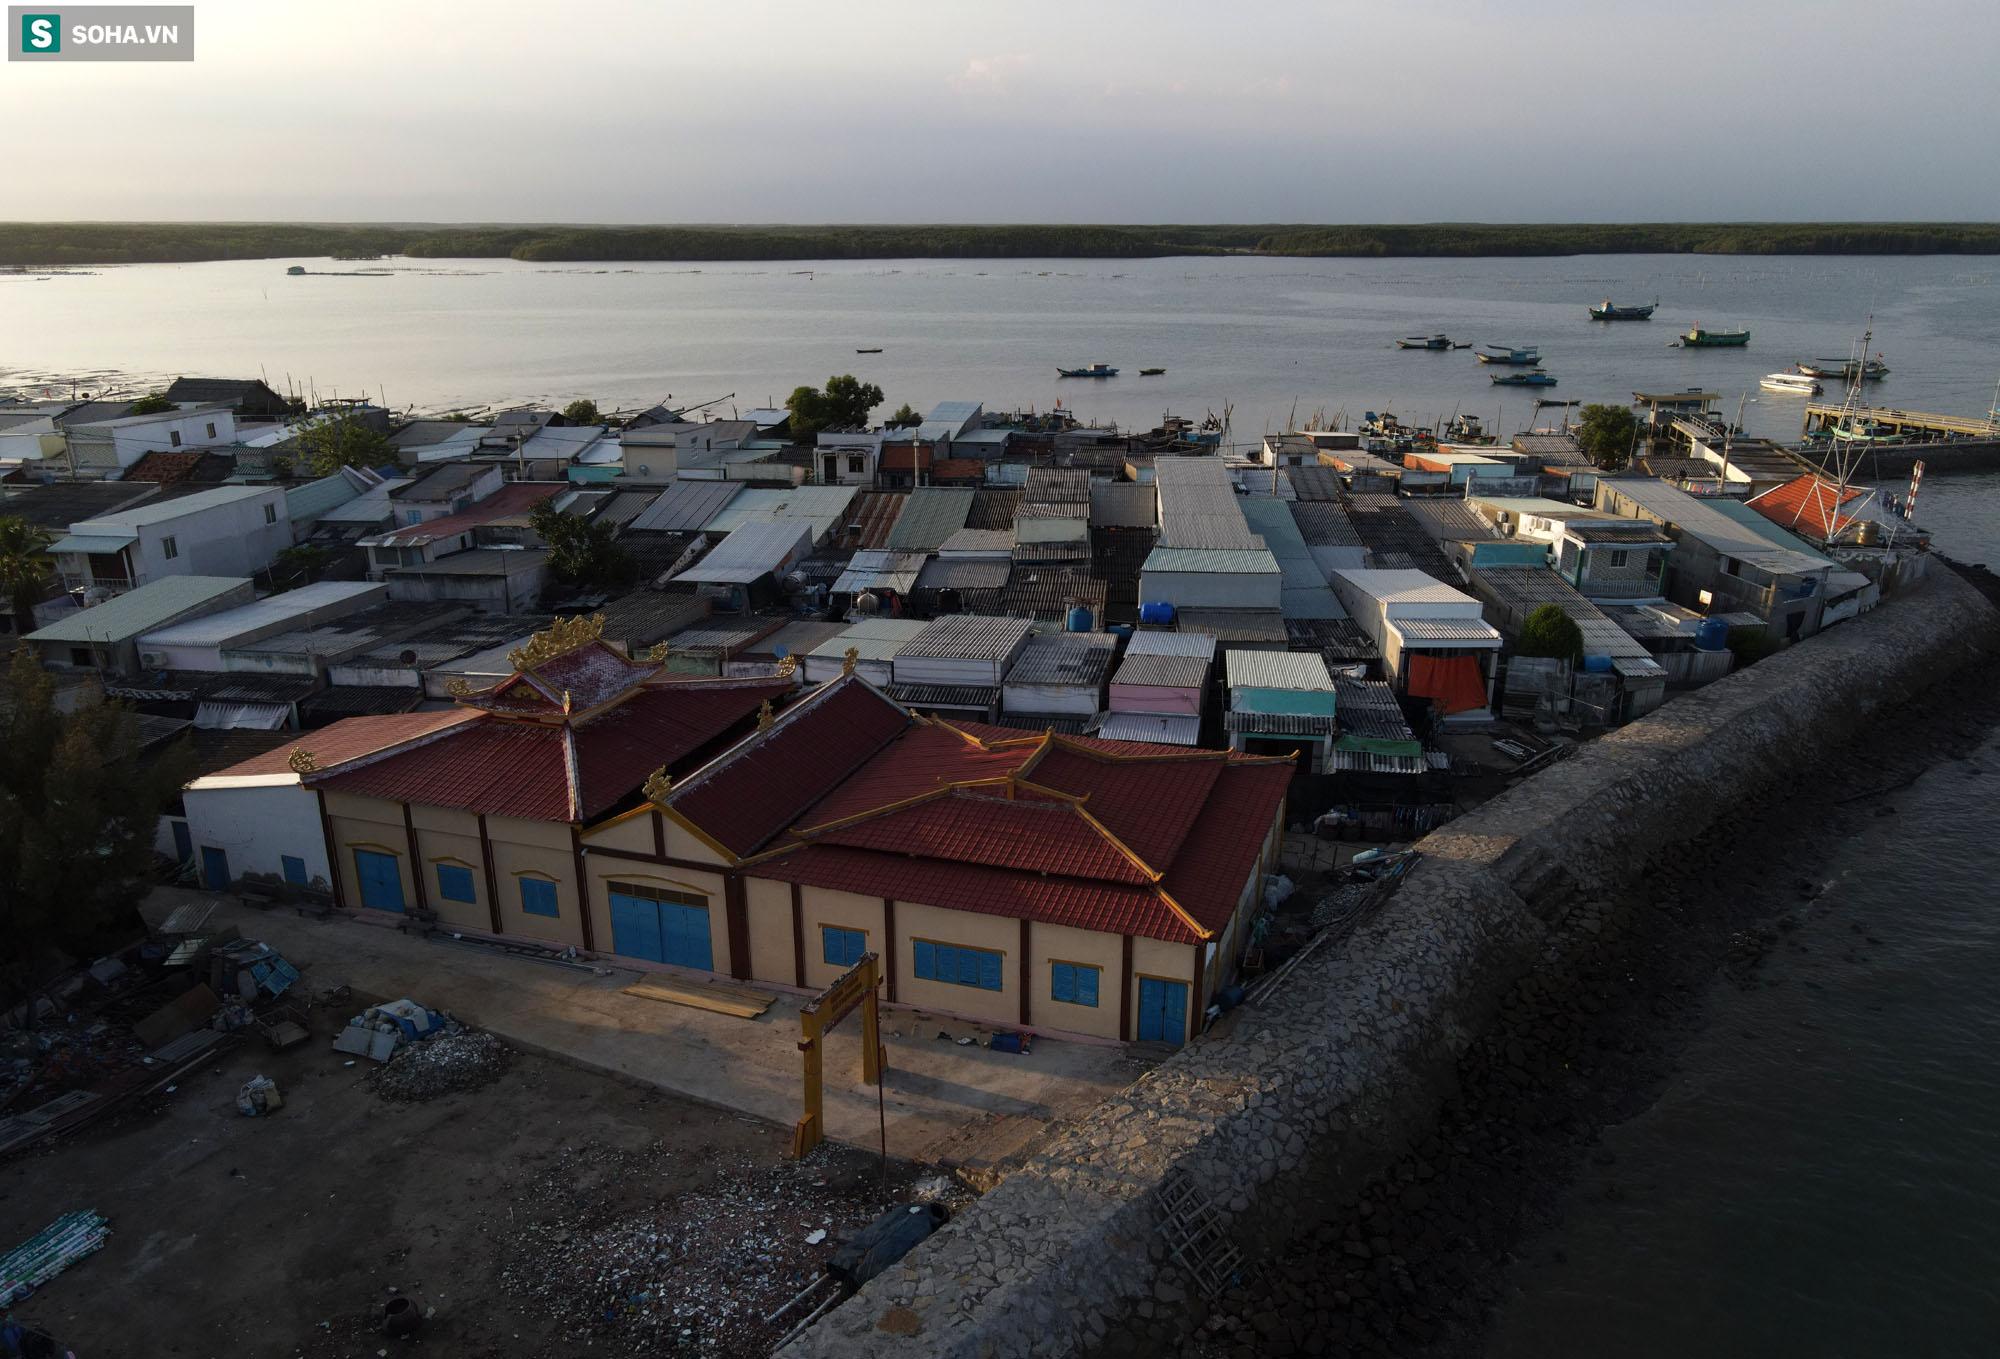 Nằm giữa biển Cần Giờ có một hòn đảo đẹp ngỡ ngàng, hoang sơ, rất ít người biết ở TP.HCM - Ảnh 18.